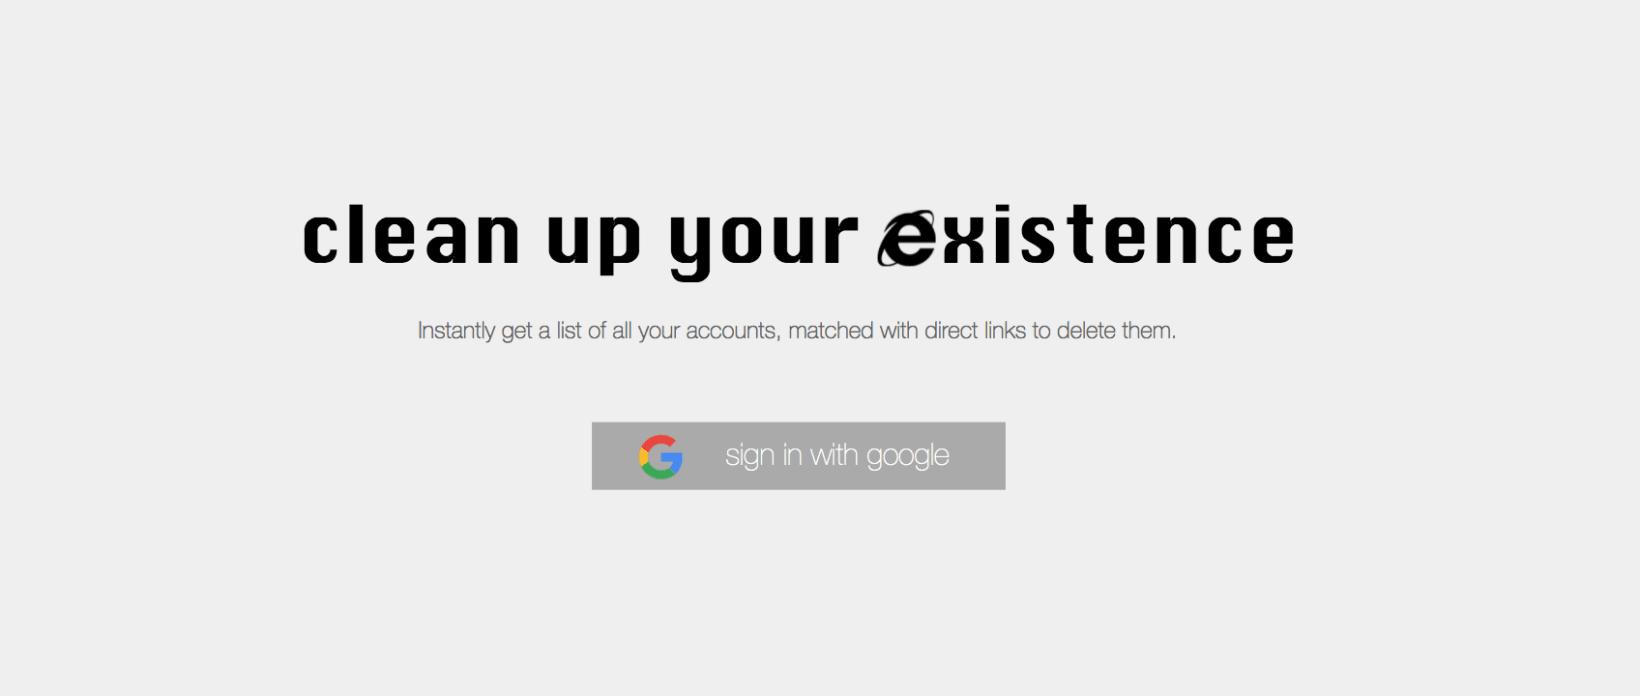 حذف از اینترنت تنها با یک کلیک